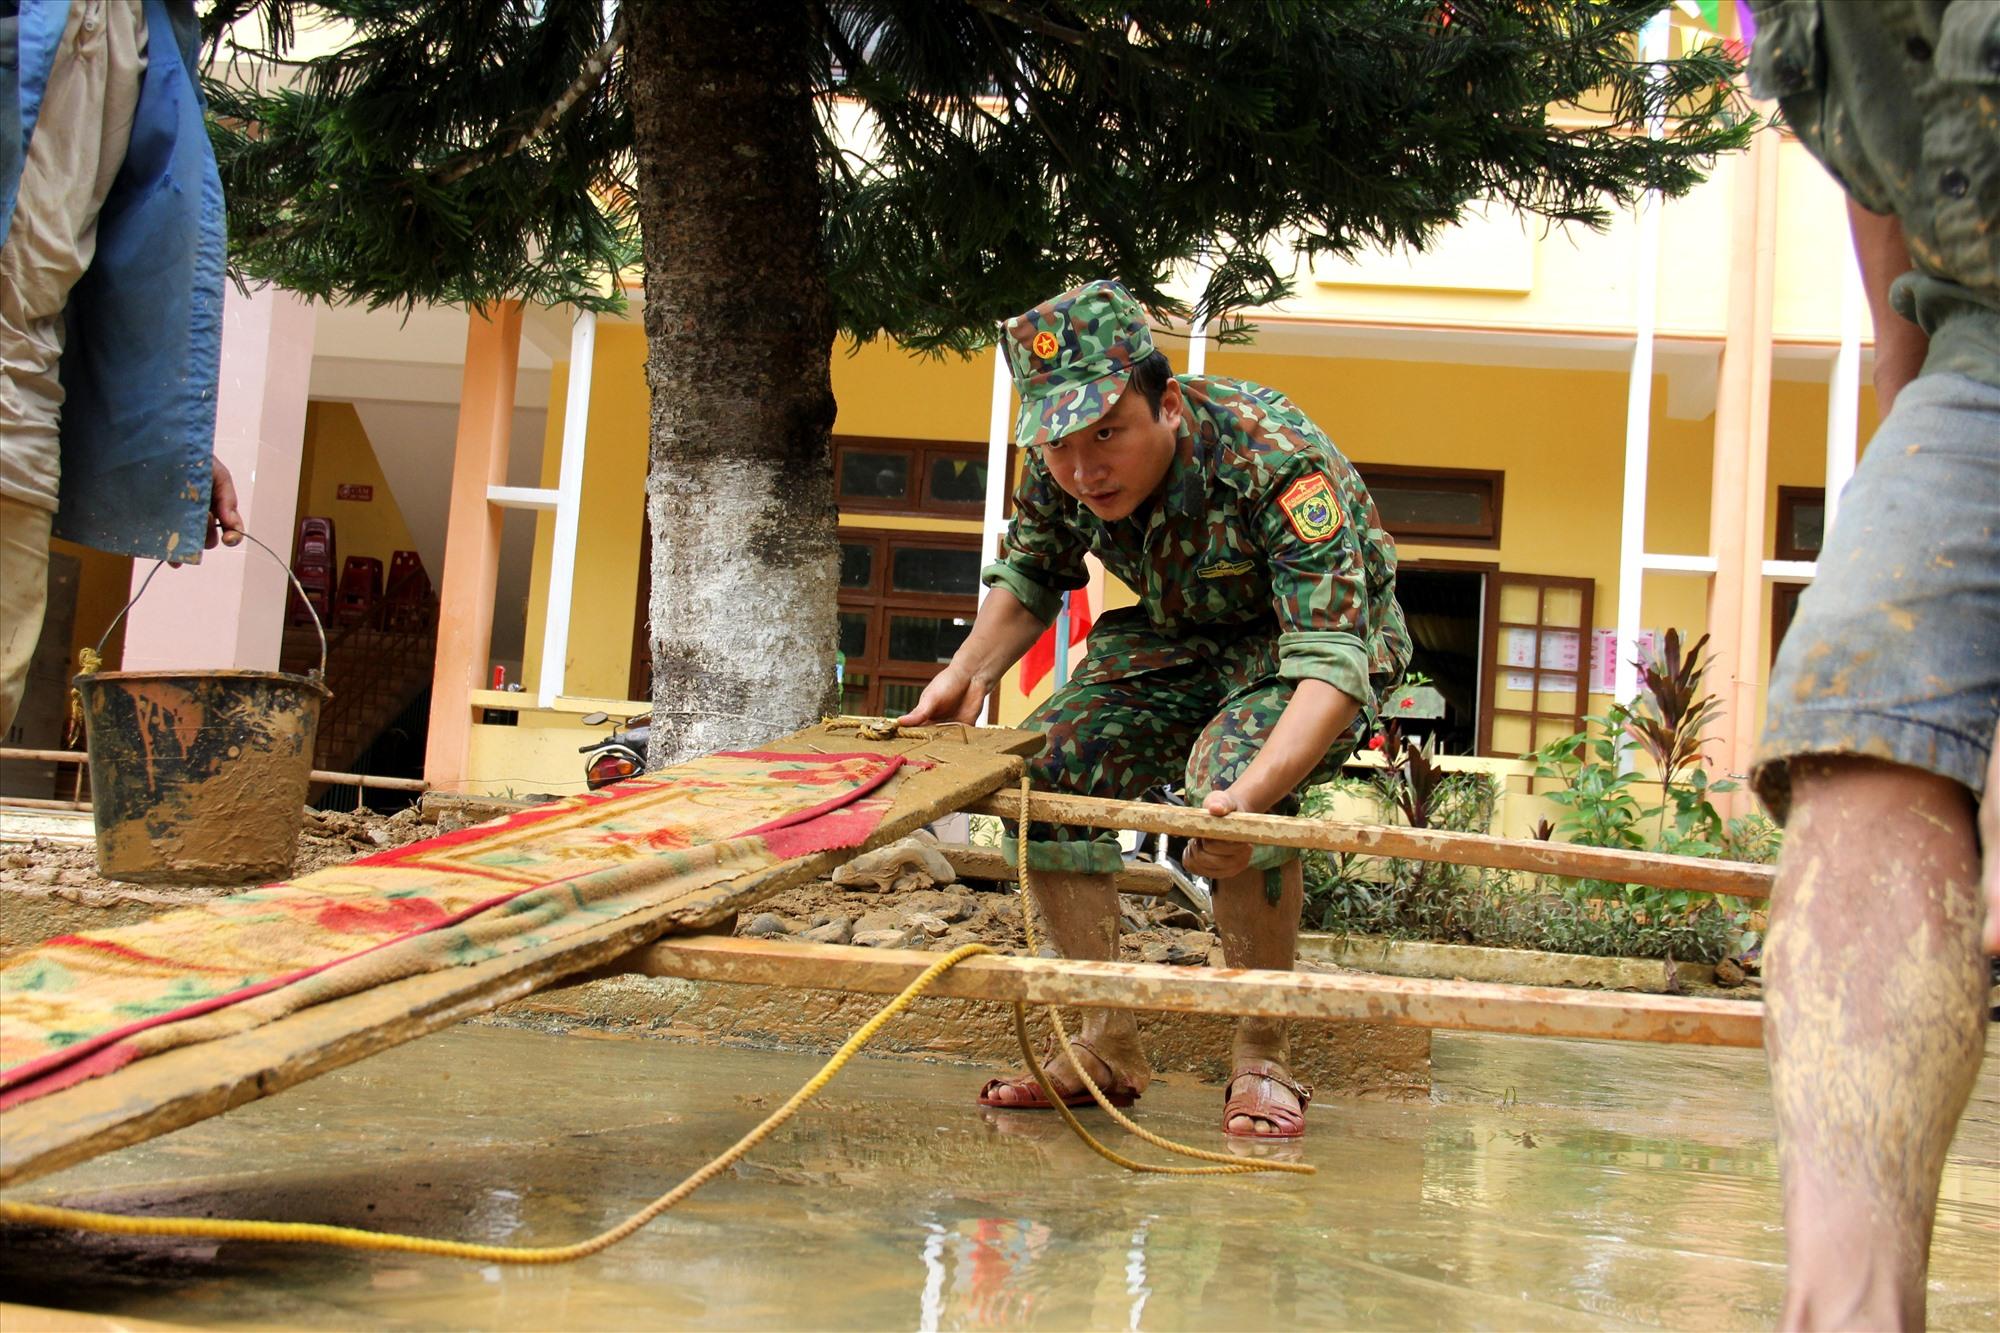 """Để việc dọn dẹp được hiệu quả, các chiến sĩ đã """"sáng chế"""" ra nhiều dụng cụ hữu ích. Ảnh: A.N"""